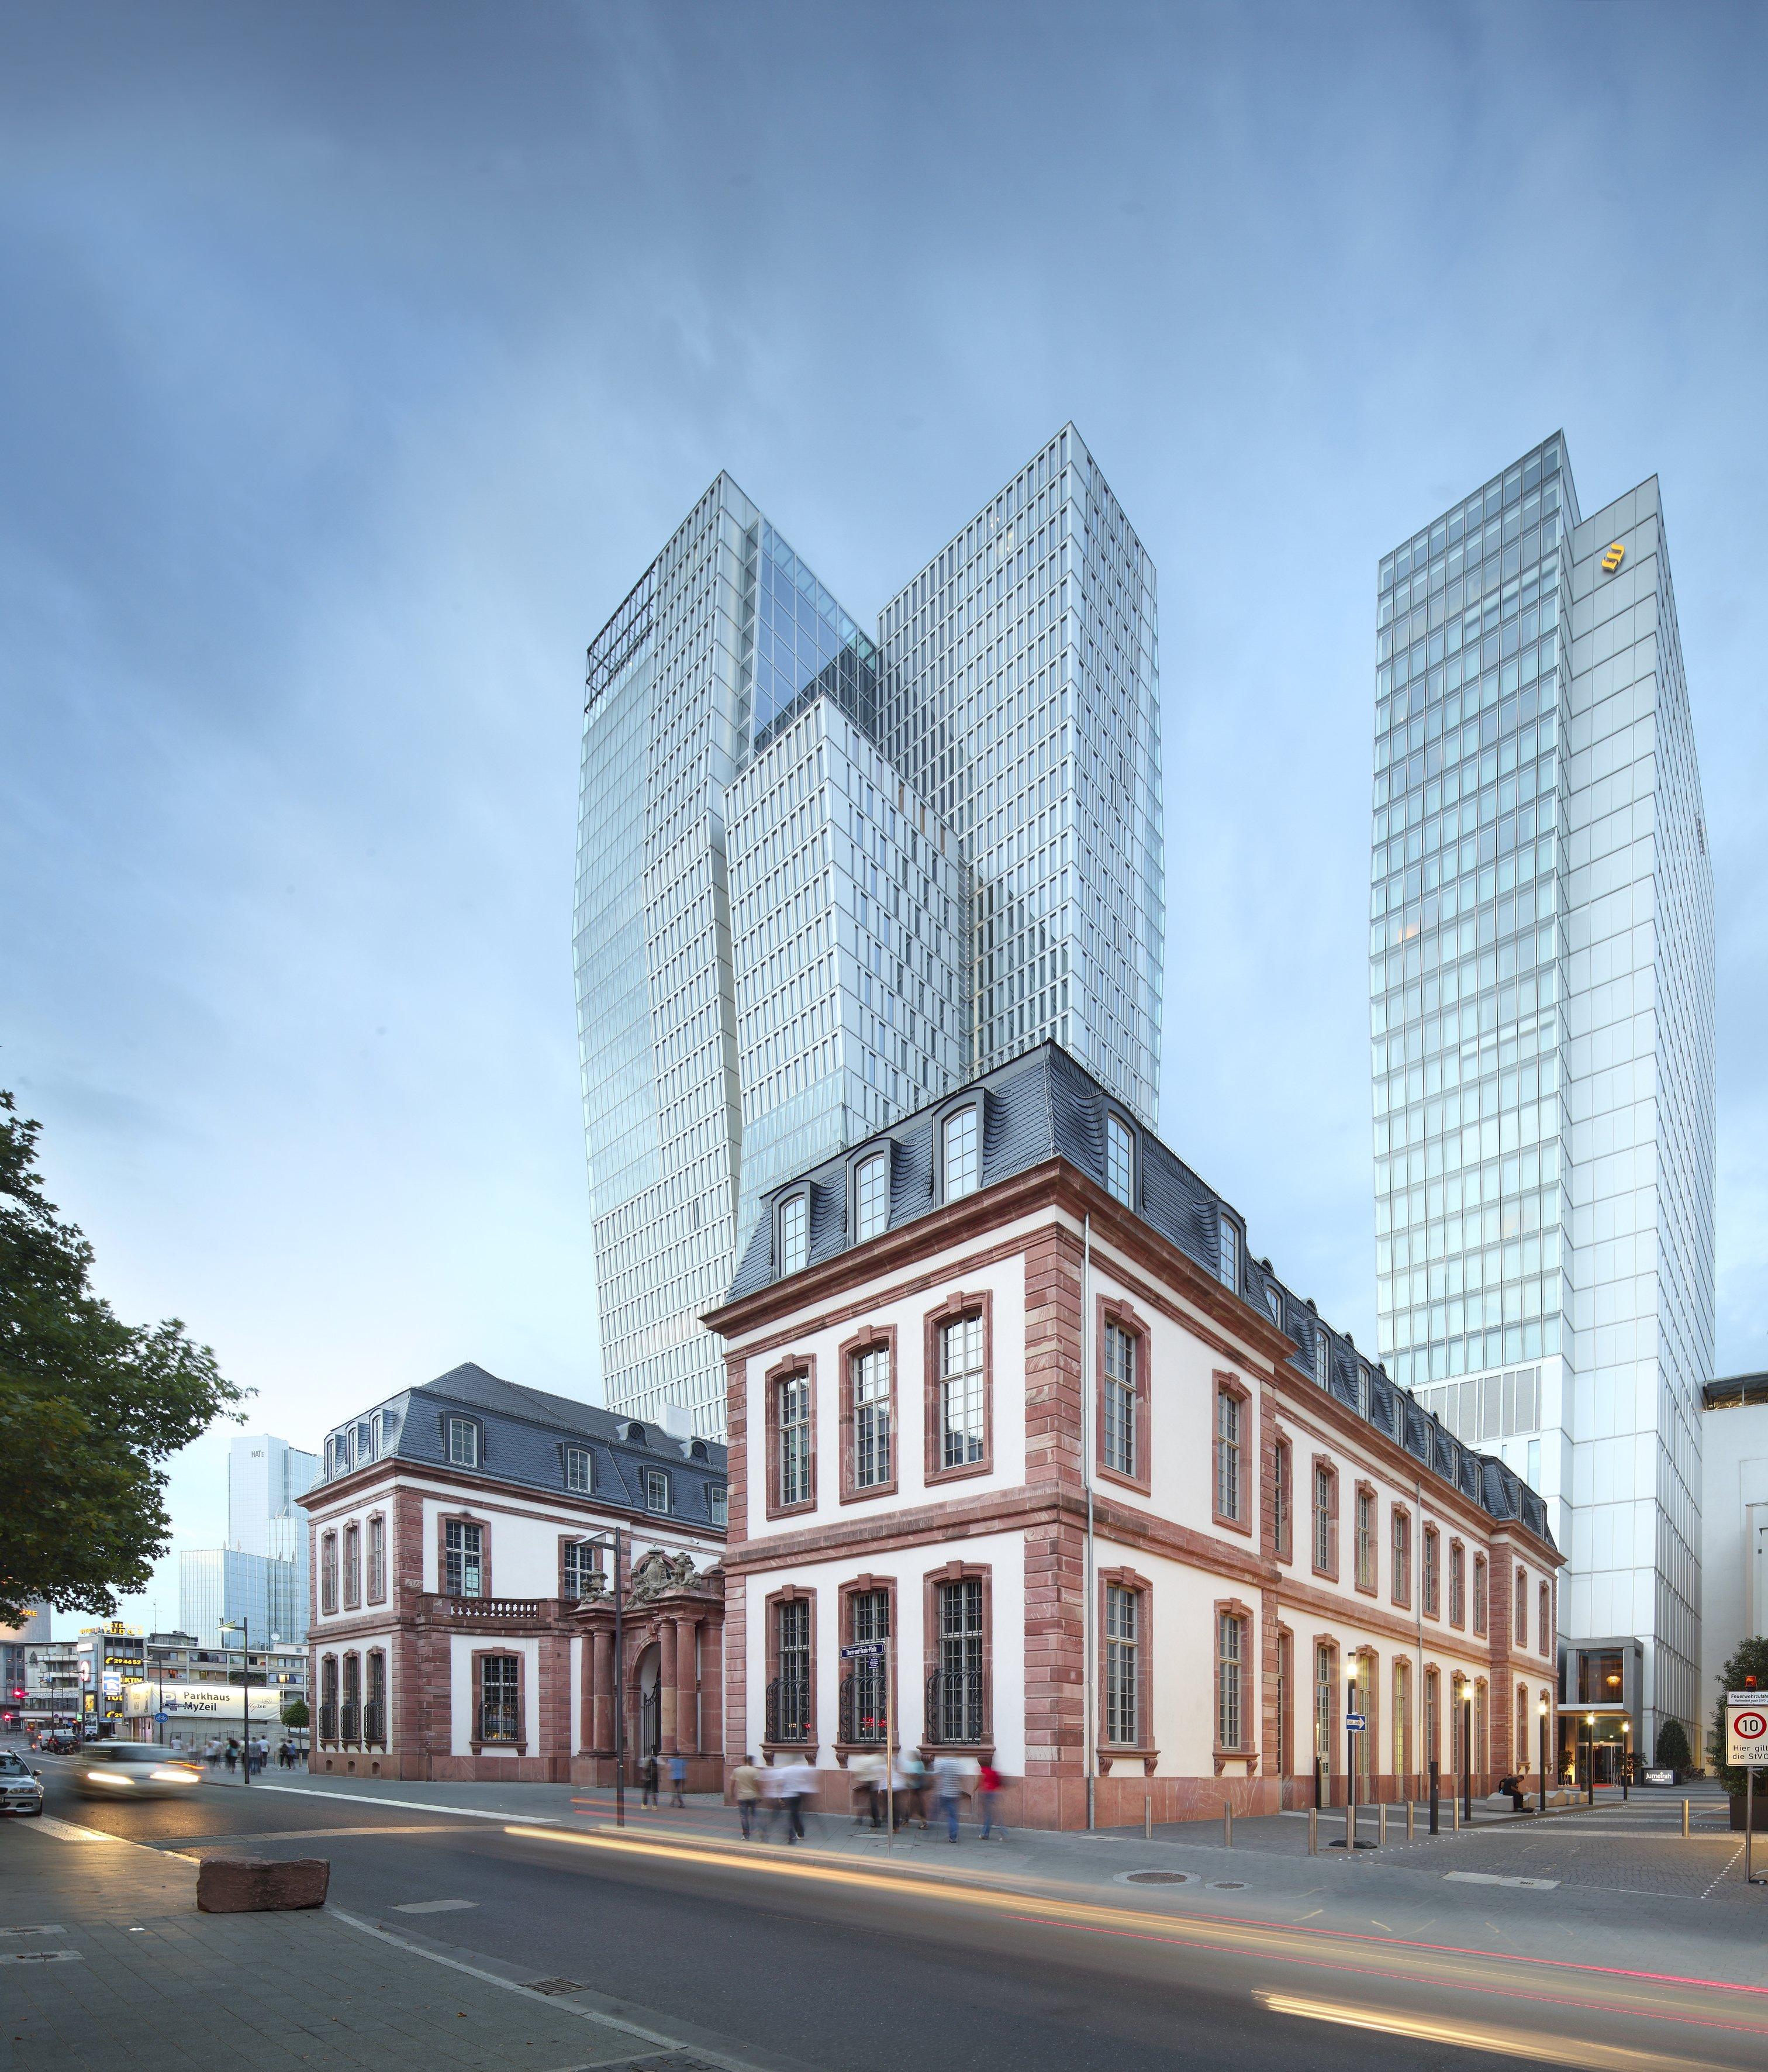 Starke Kontraste in Frankfurt: Der Nextower und Hotelturm Jumeirah hinter dem historischen Thurn-und-Taxis-Palais.